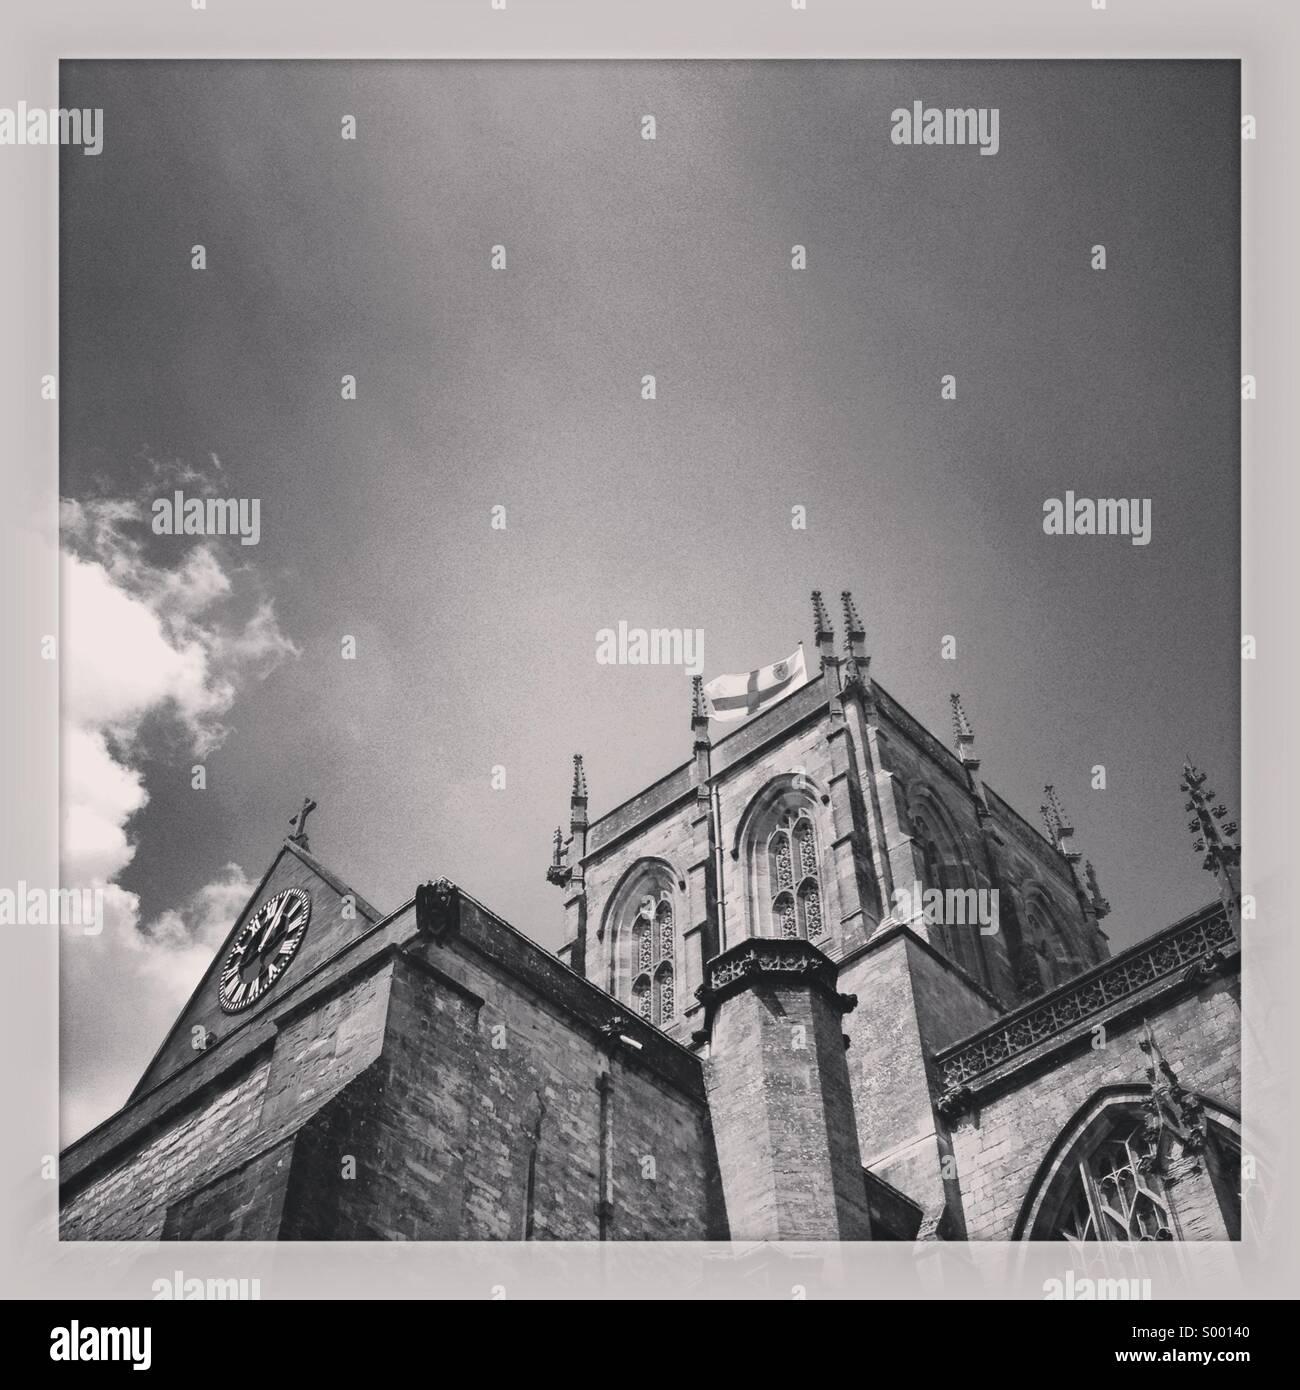 Luce sul tetto della chiesa, Sherborne, Inghilterra Foto Stock